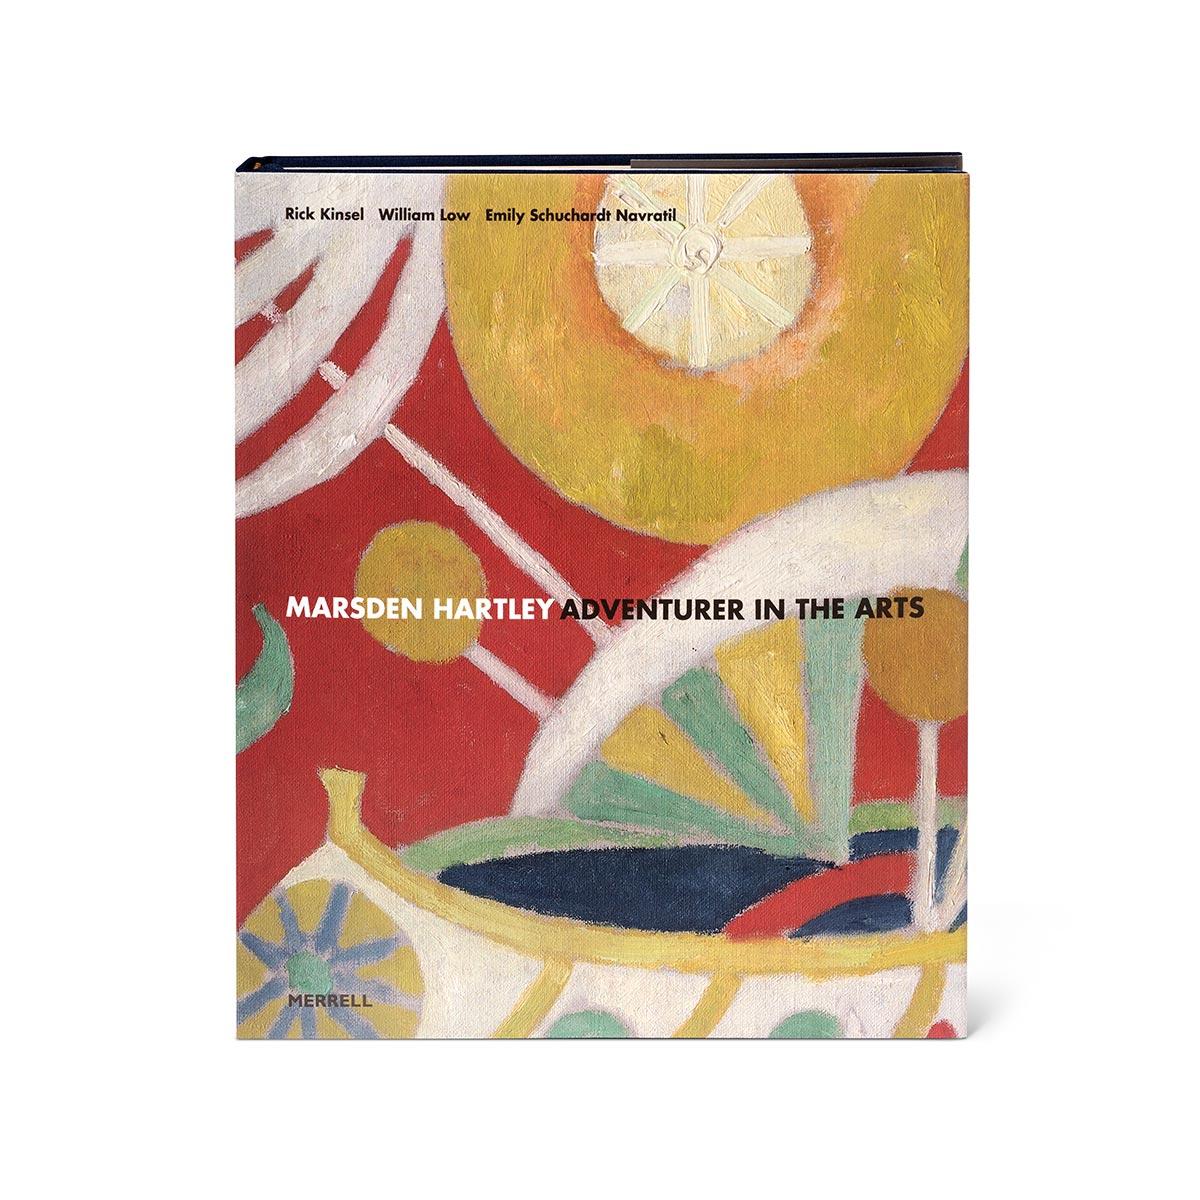 Marsden Hartley: Adventurer in the Arts